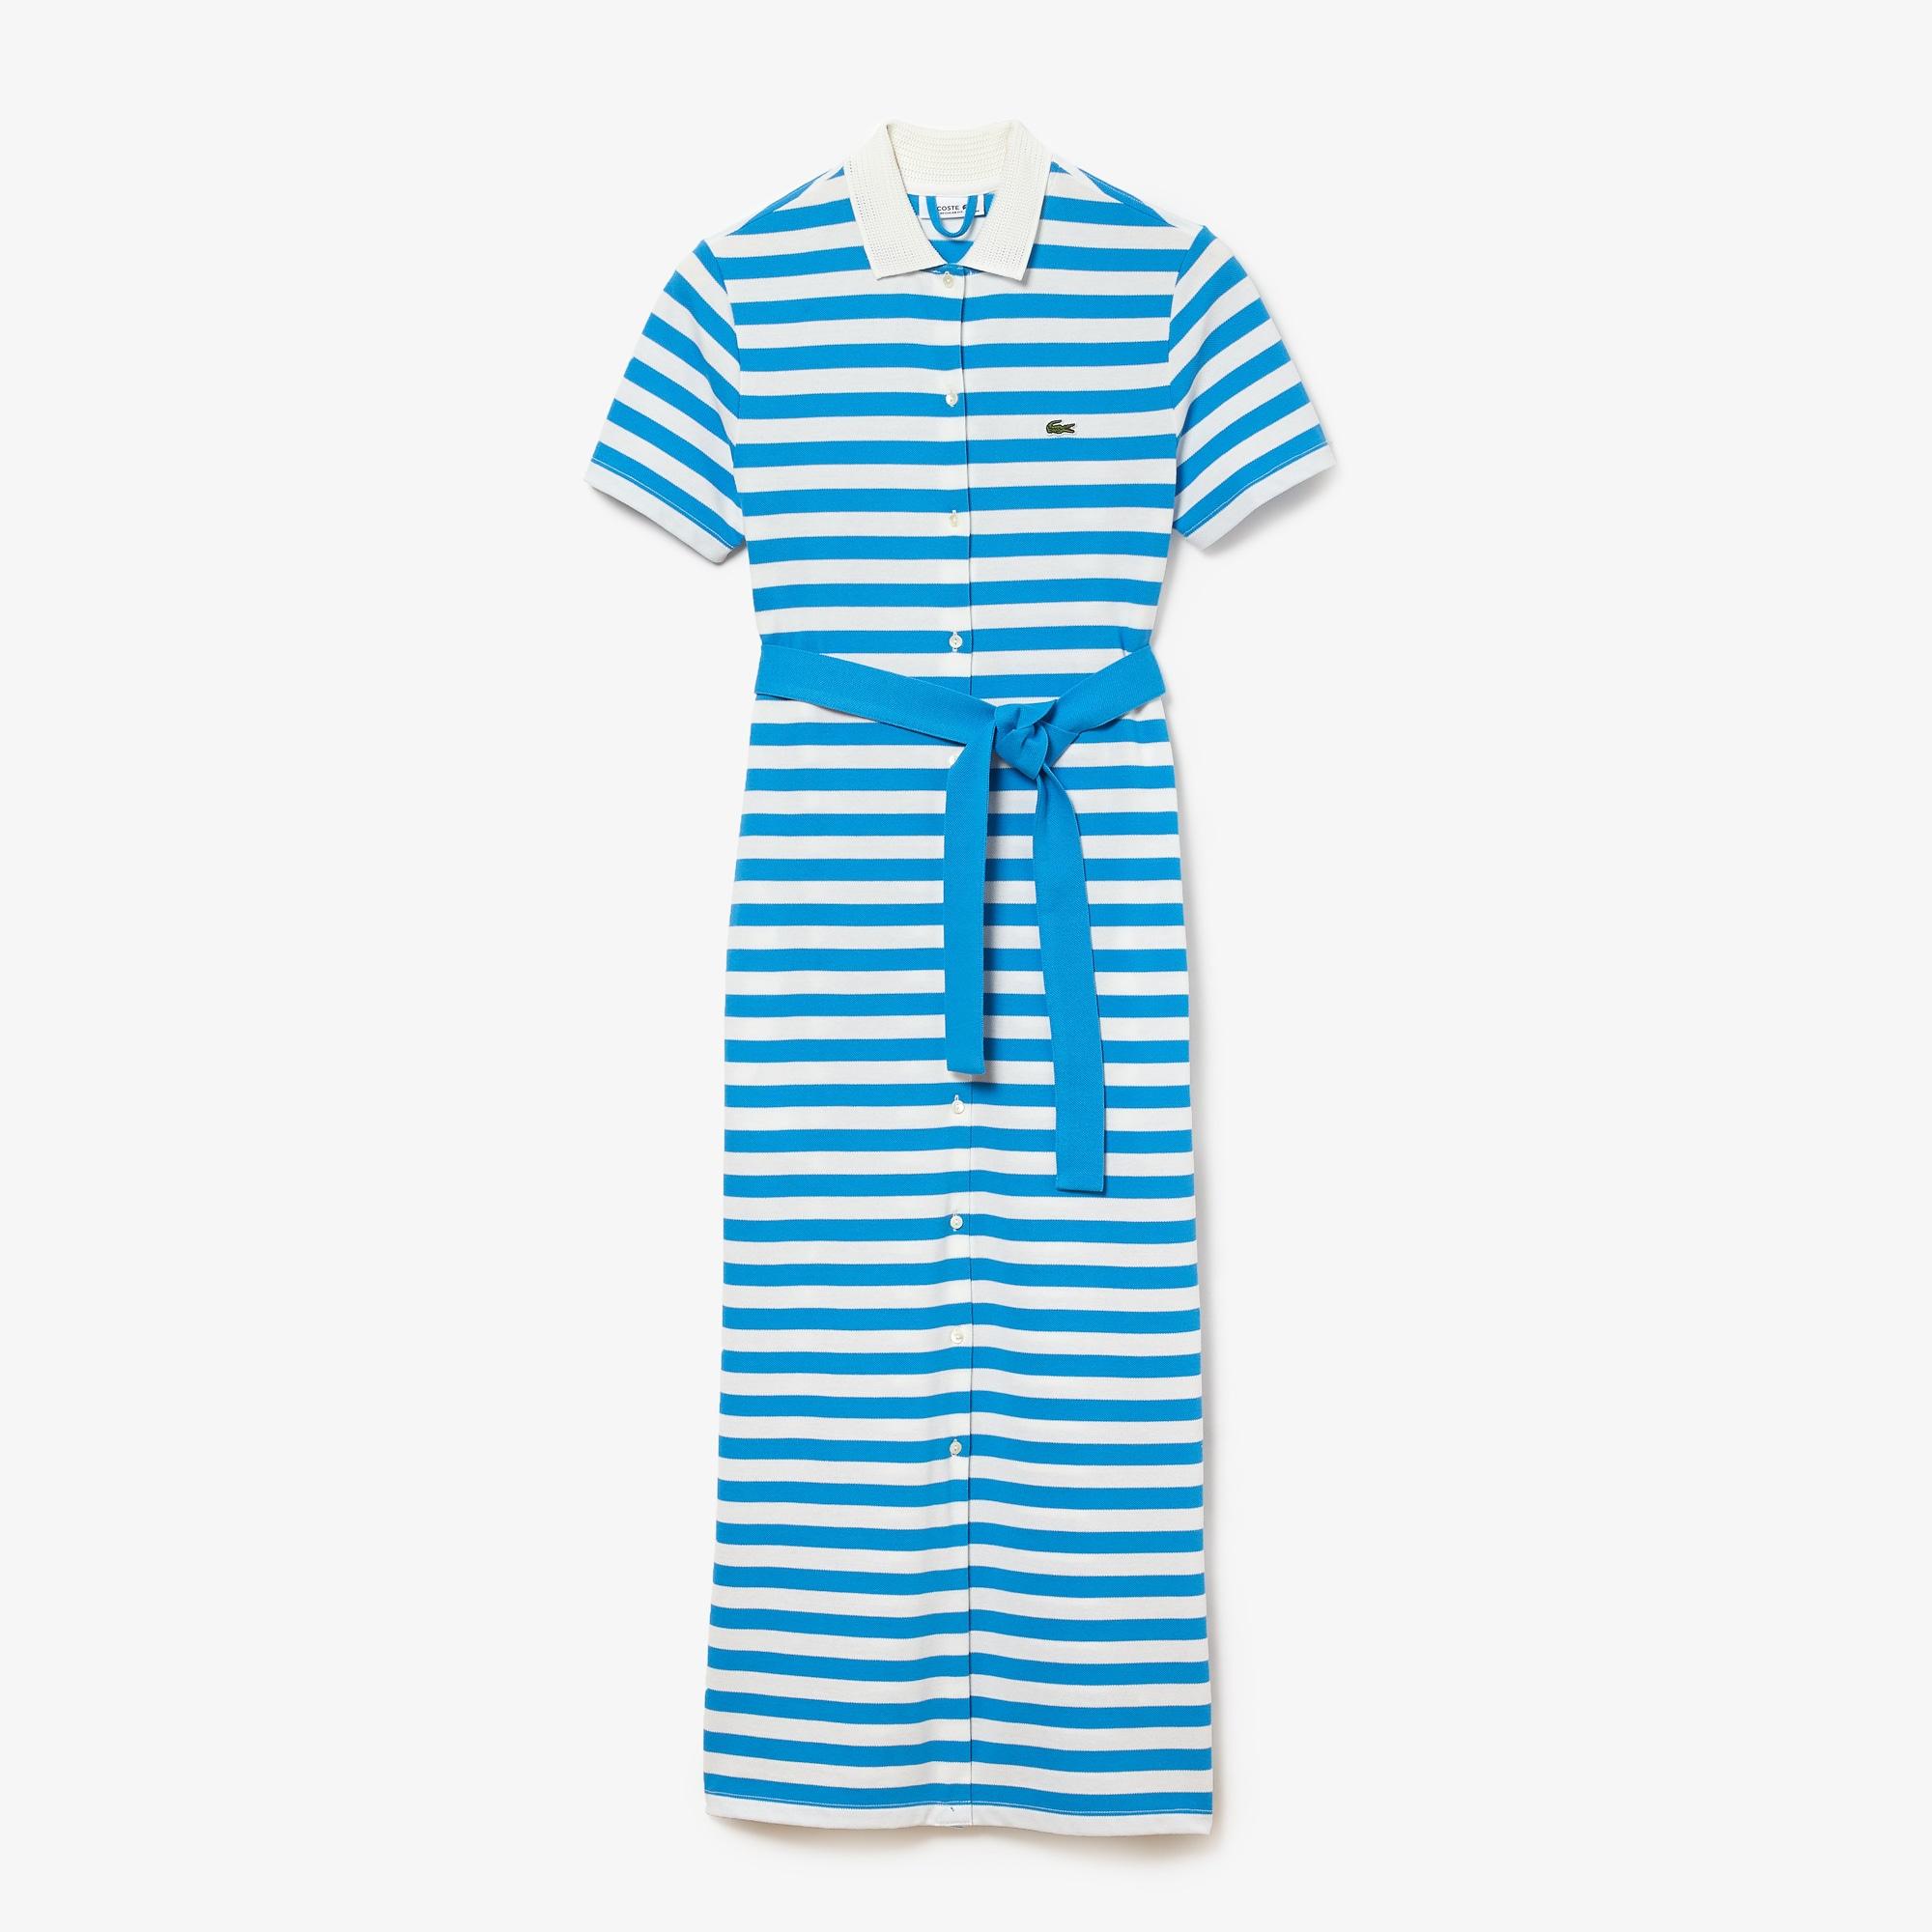 라코스테 스트라이프 롱 셔츠 원피스 Lacoste Women's Striped Cotton Pique Long Buttoned Dress,Blue / White EST